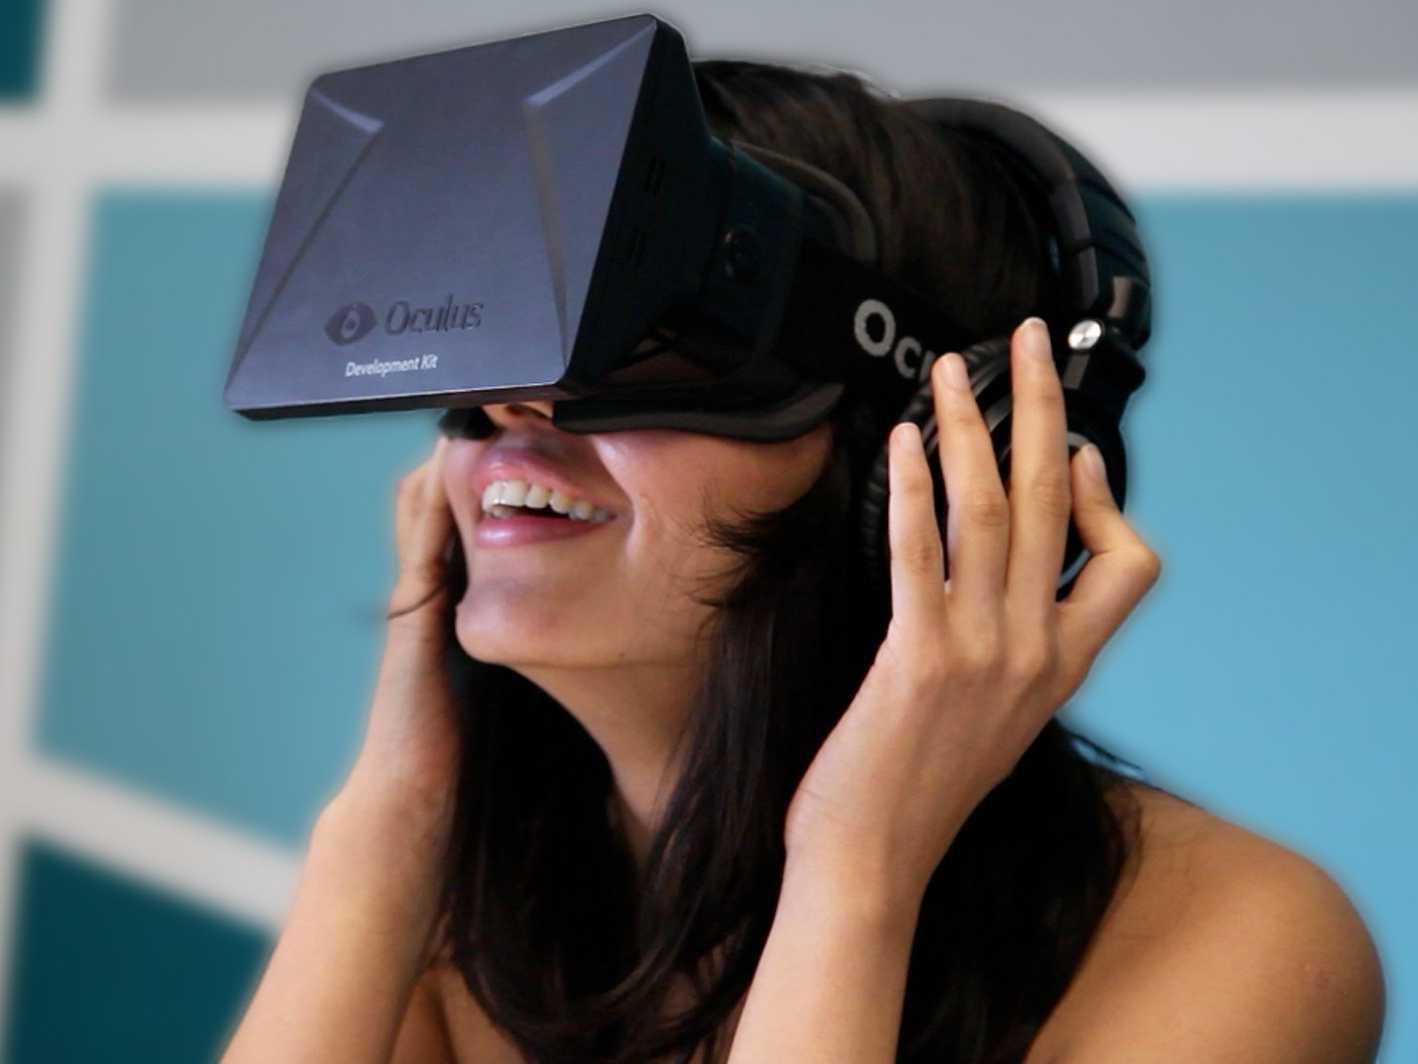 Zuckerberg considera ca achizitionarea Oculus Rift inseamna pasul Facebook catre a dezvolta economia cunoasterii, o investitie in viitorul computing-ului.